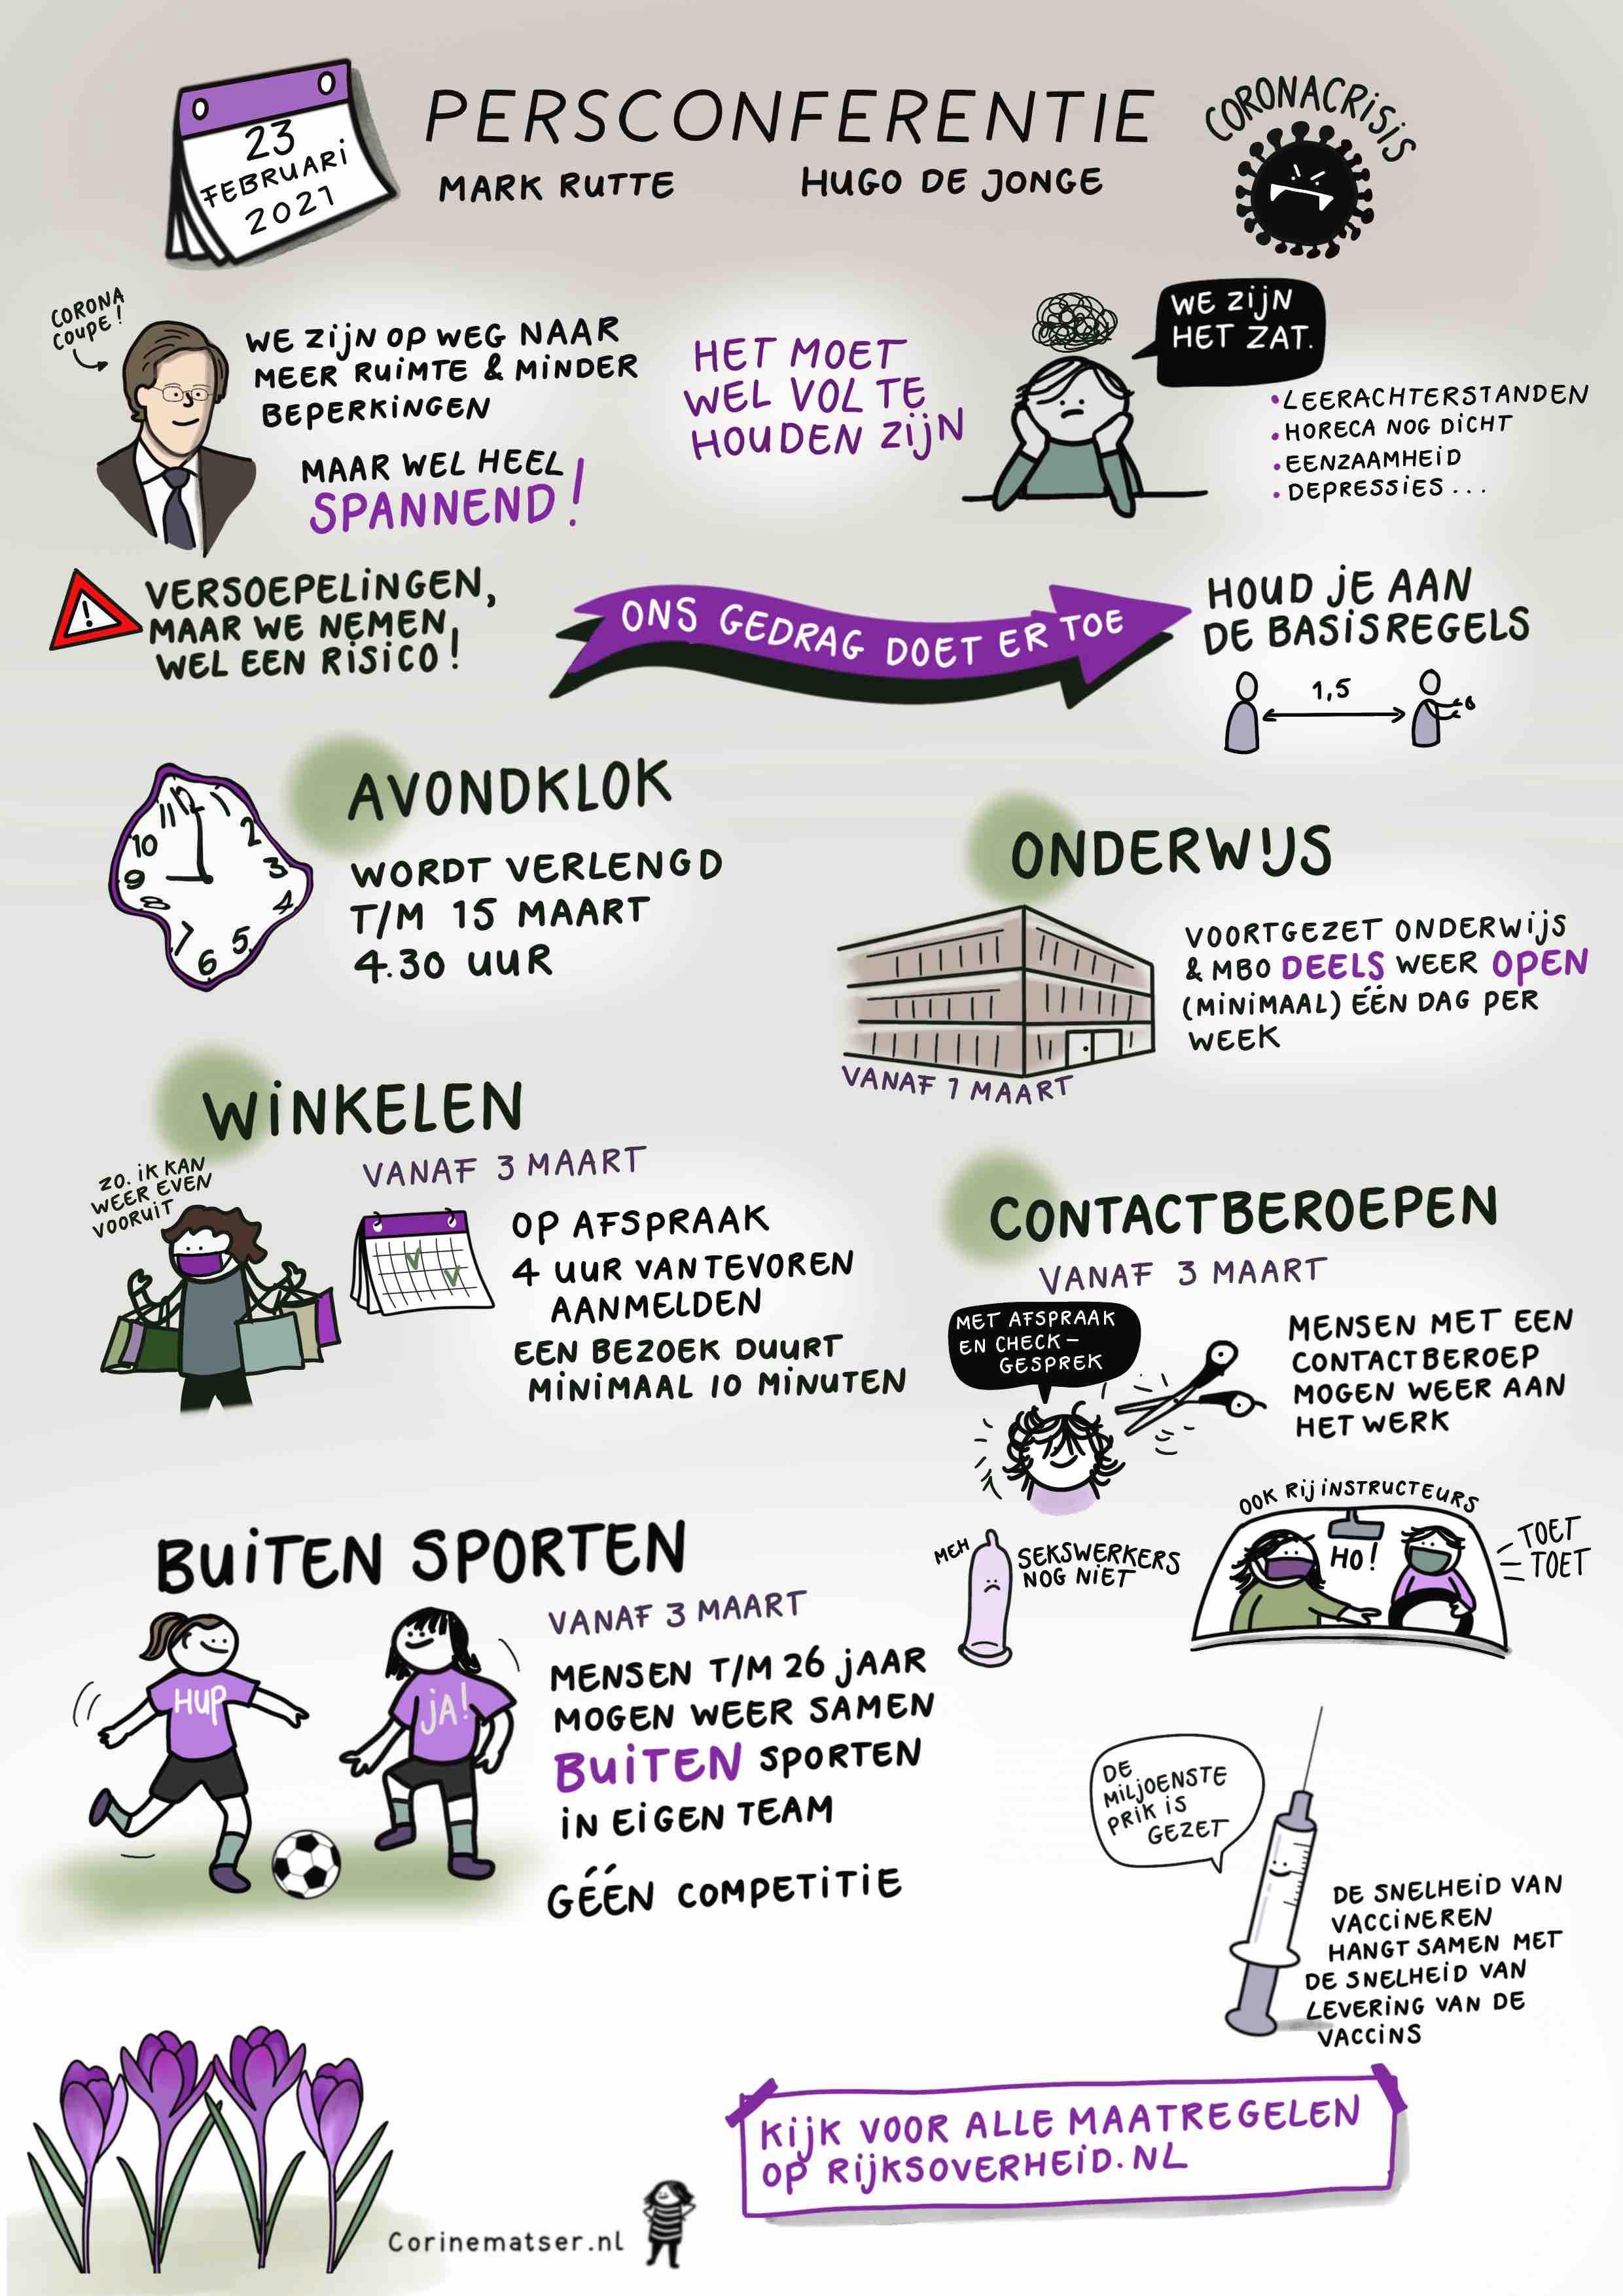 Persconferentie Mark Rutte en Hugo de Jonge 23 februari 2021